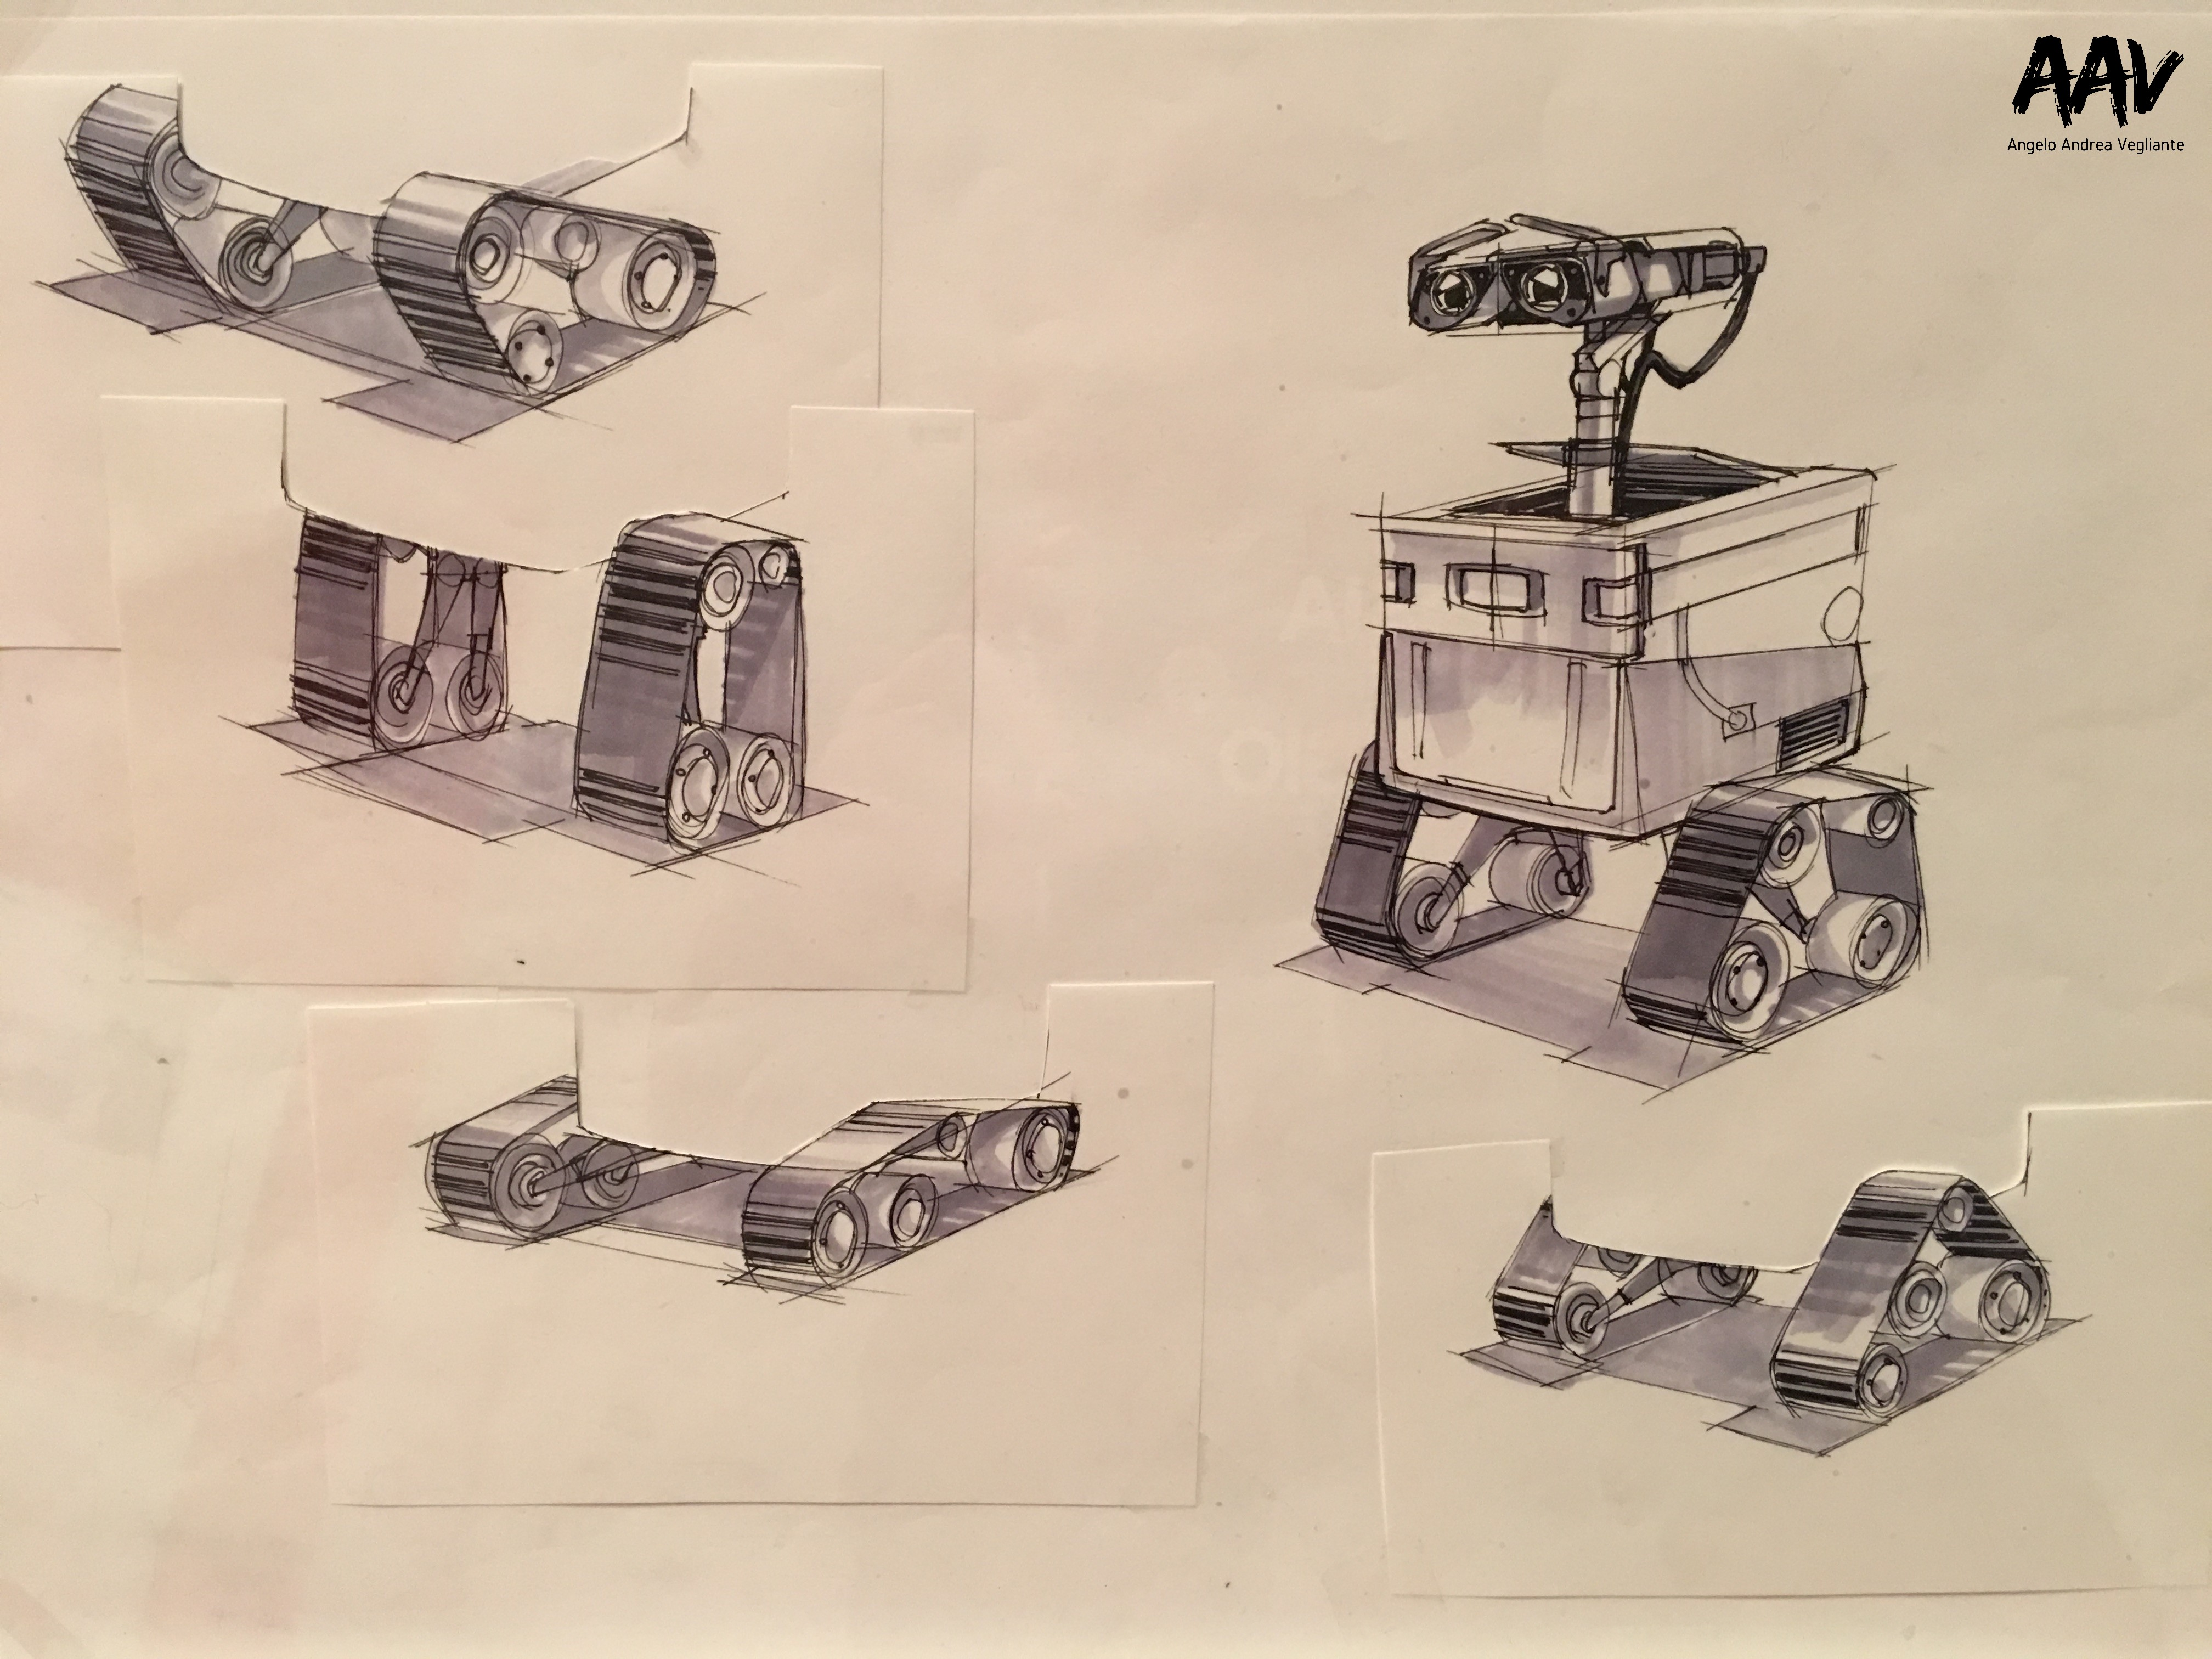 Walle-pixar-mostra-arte-palazzo delle esposizioni-pixar 30 anni di animazione-angelo andrea vegliante